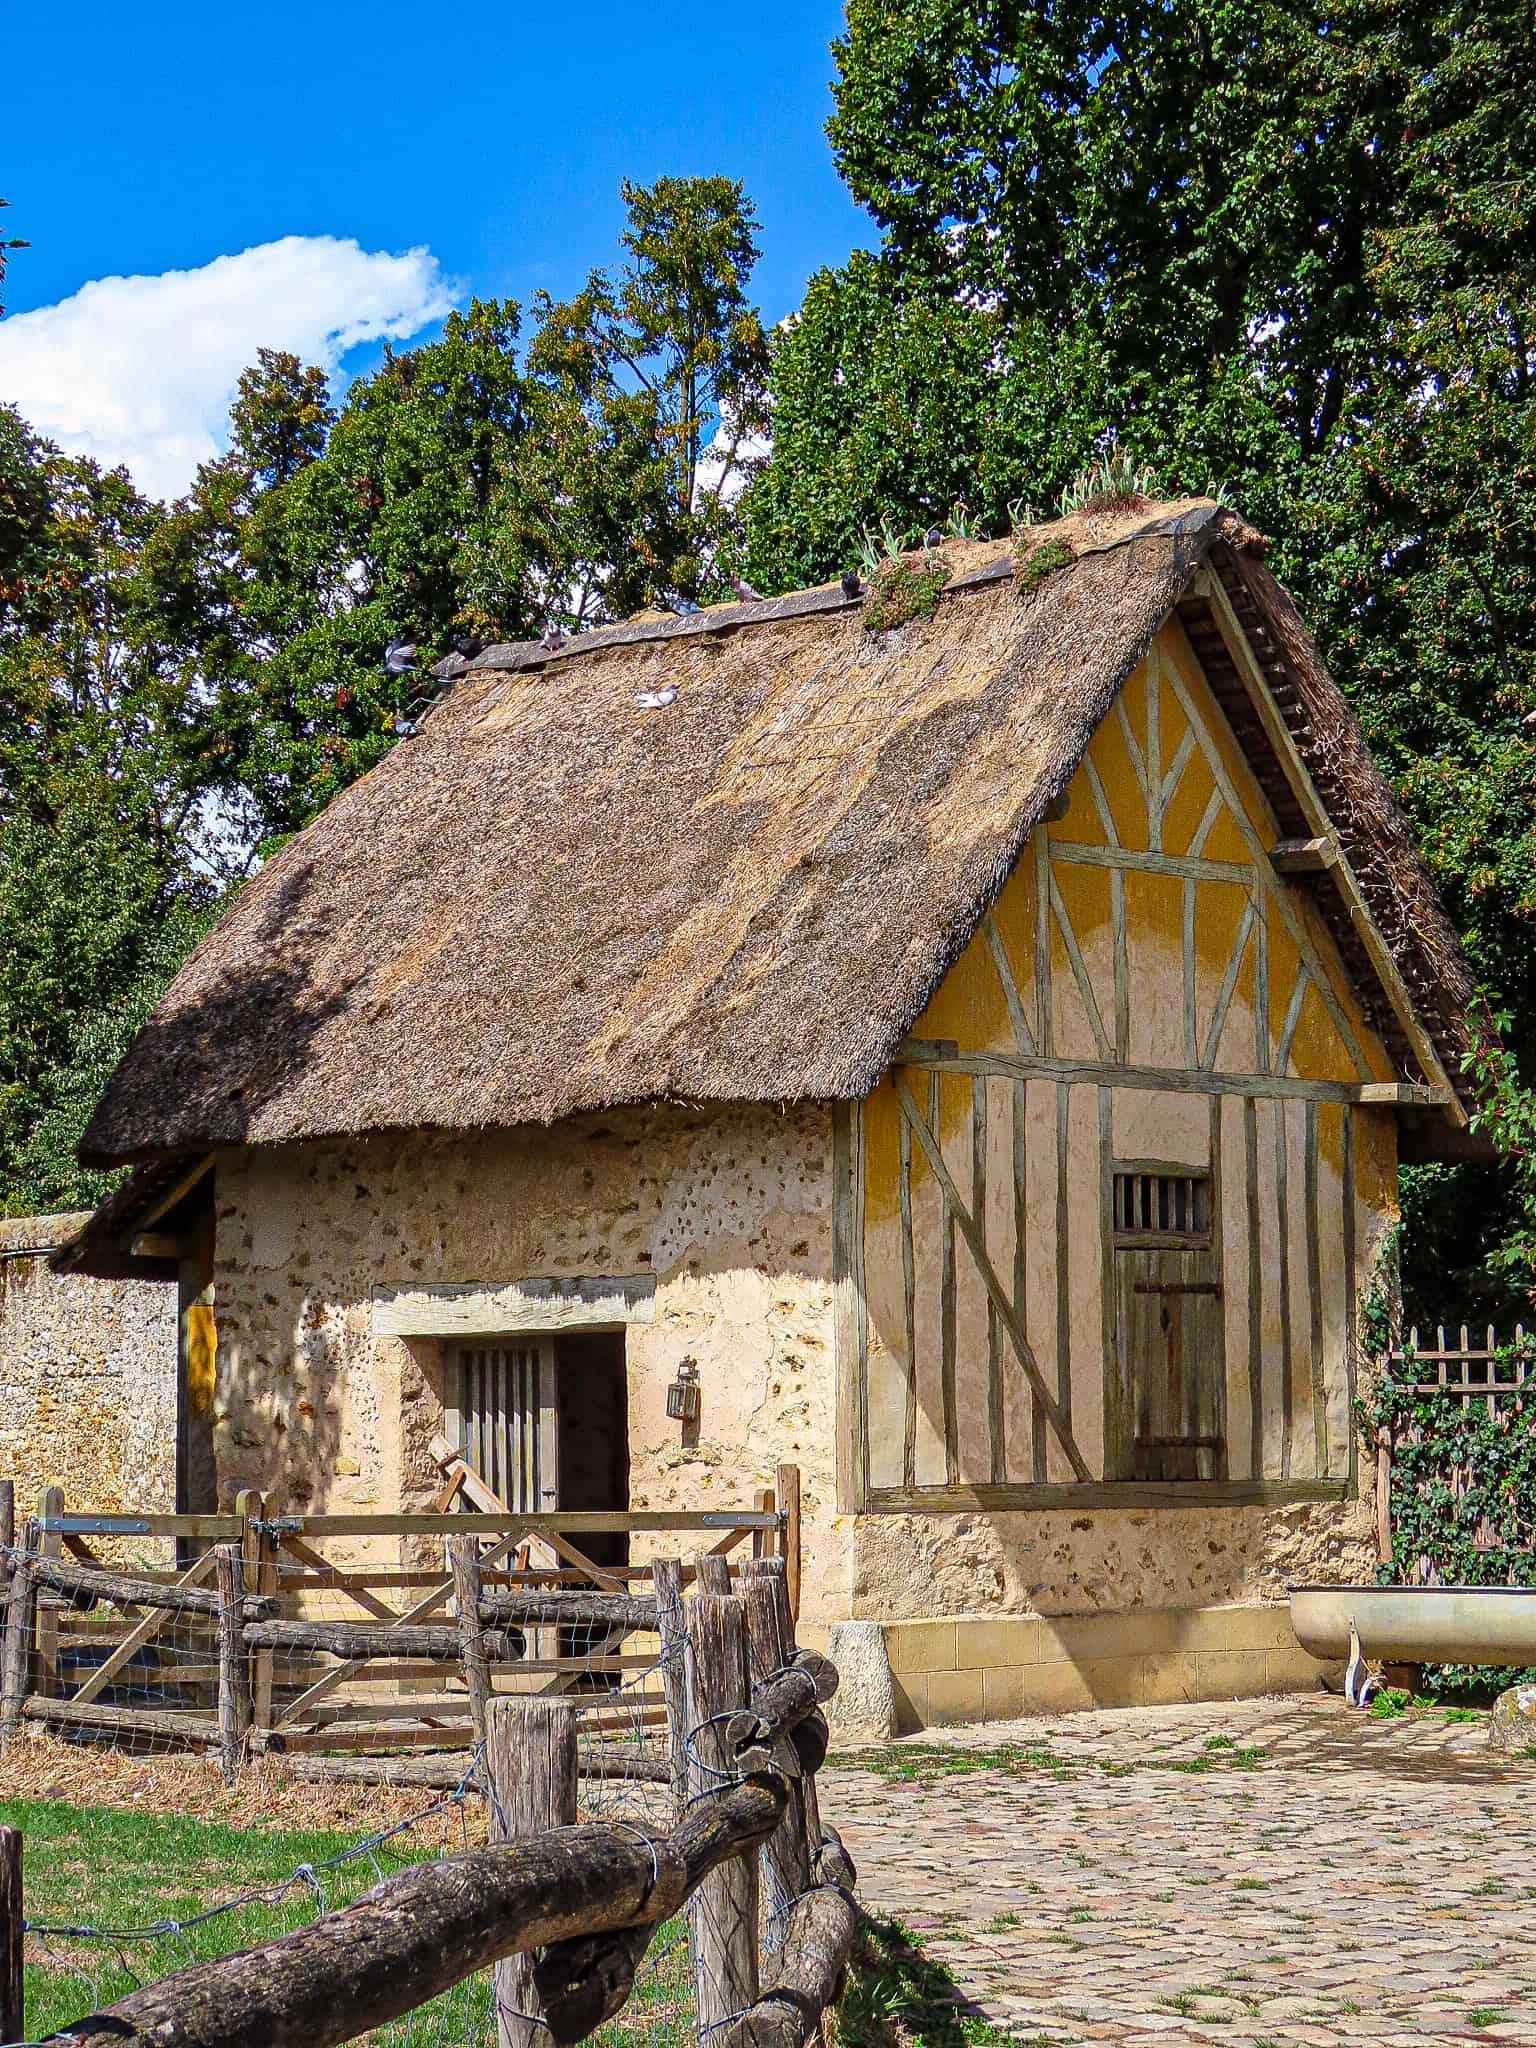 hameau-de-la-reine-balade-voir-moins-1h-paris